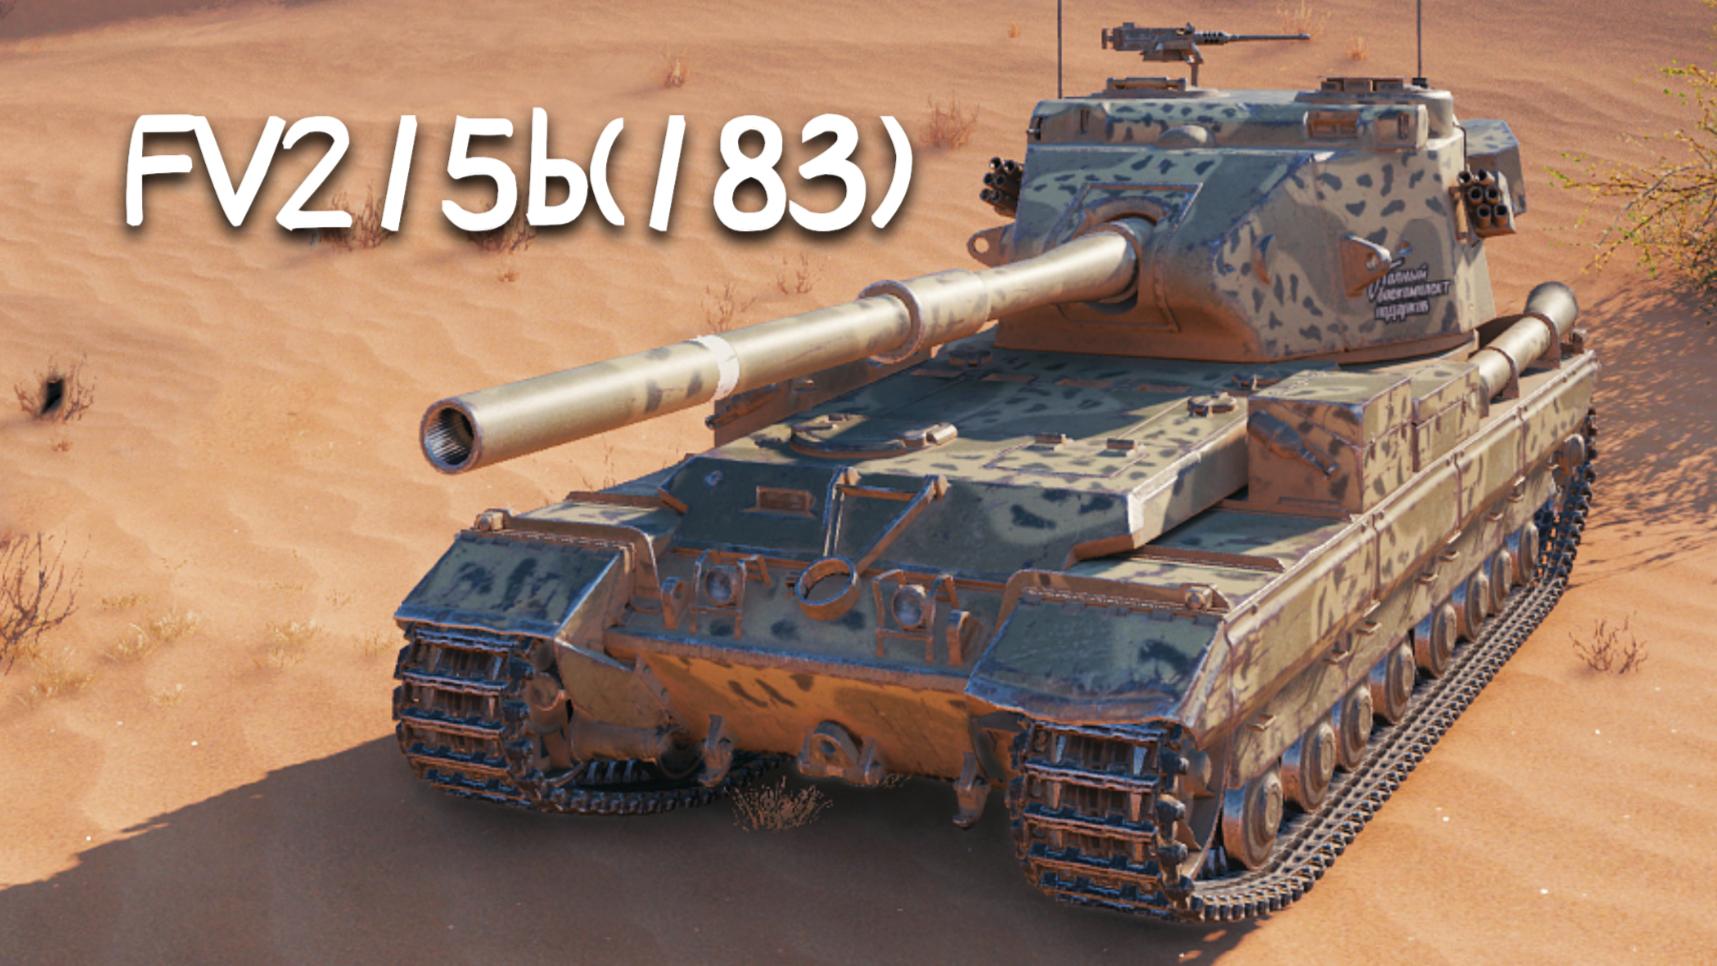 【坦克世界】FV215b (183):8杀 - 1万1输出(荒漠小镇)